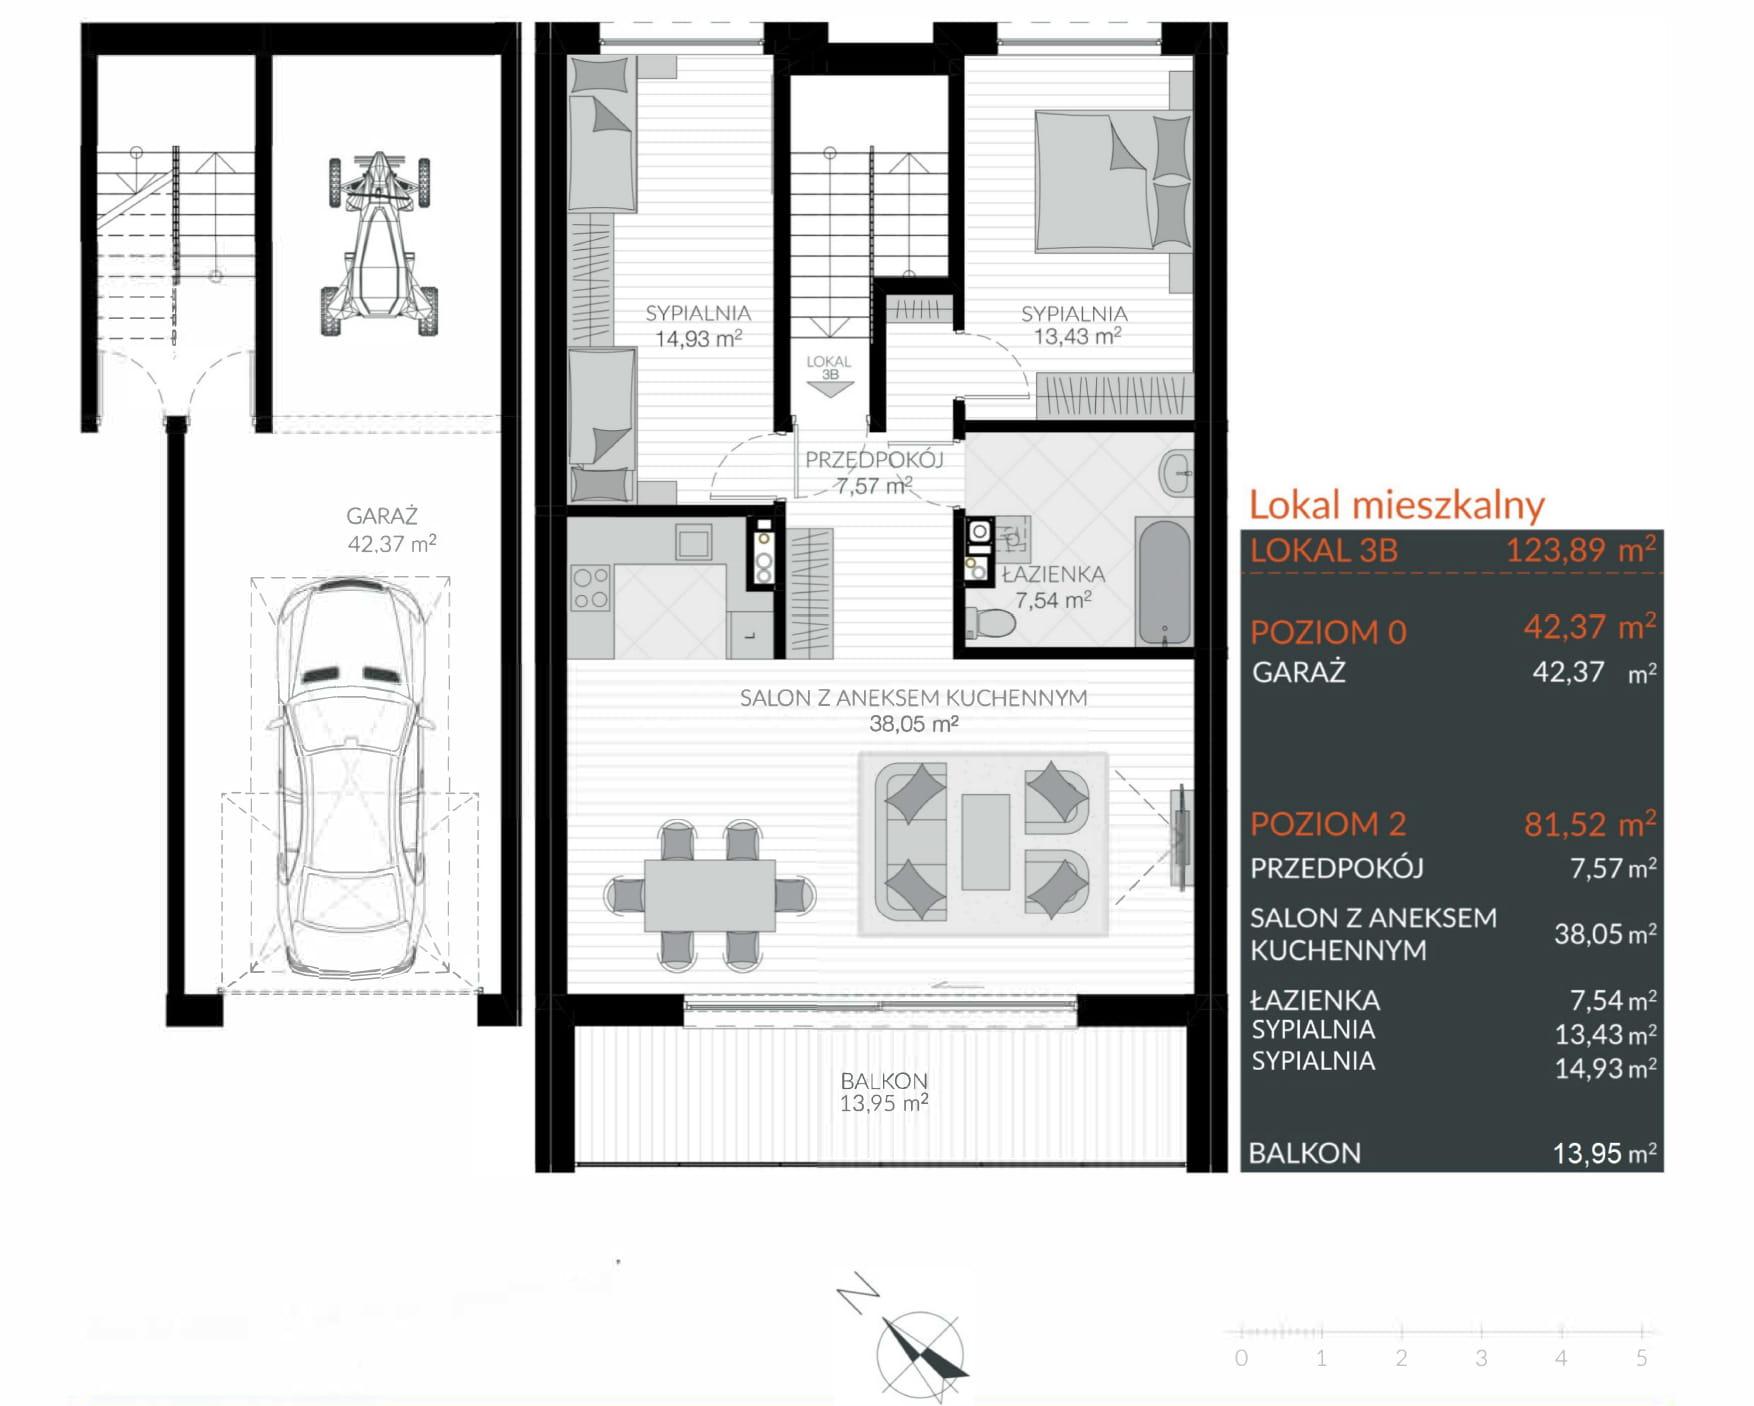 Apartamenty Kamienna / apartamenty inwestycyjne 3B rzut 1